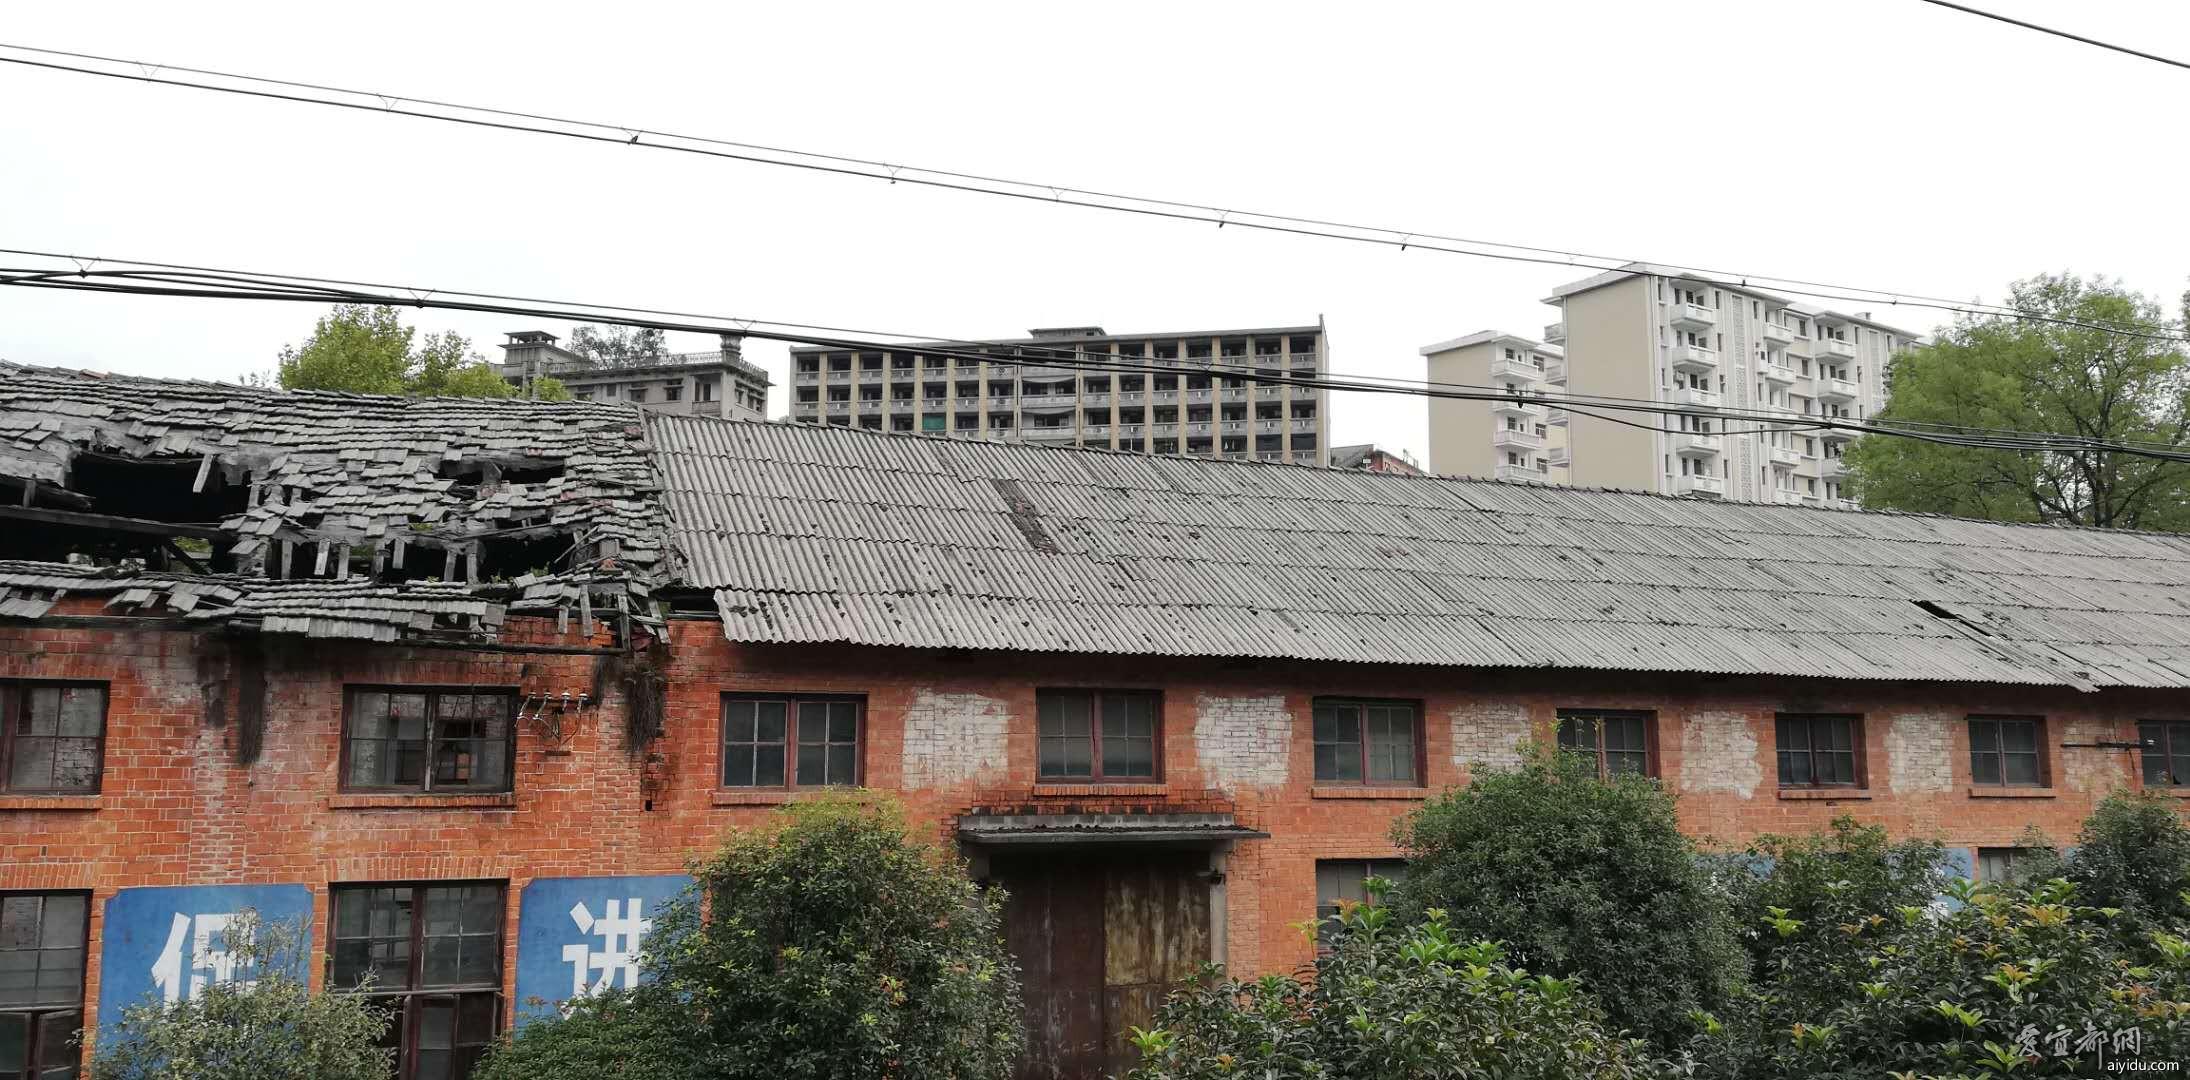 虽说翻新了一部分老楼,还是留有部分废弃老房